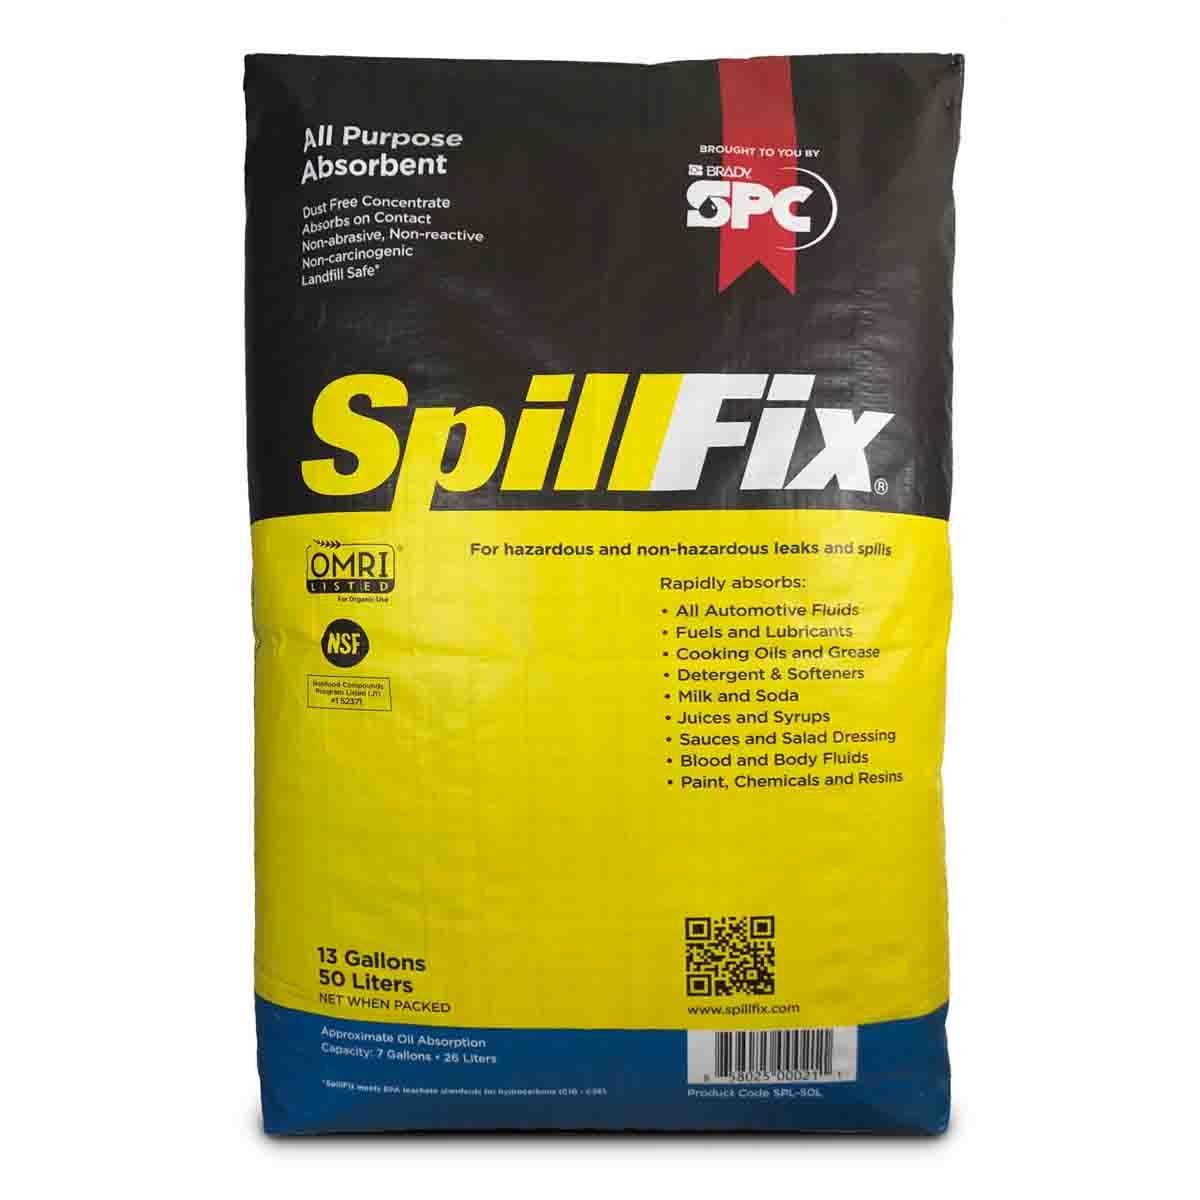 SF-20 SpillFix Granular Absorbent